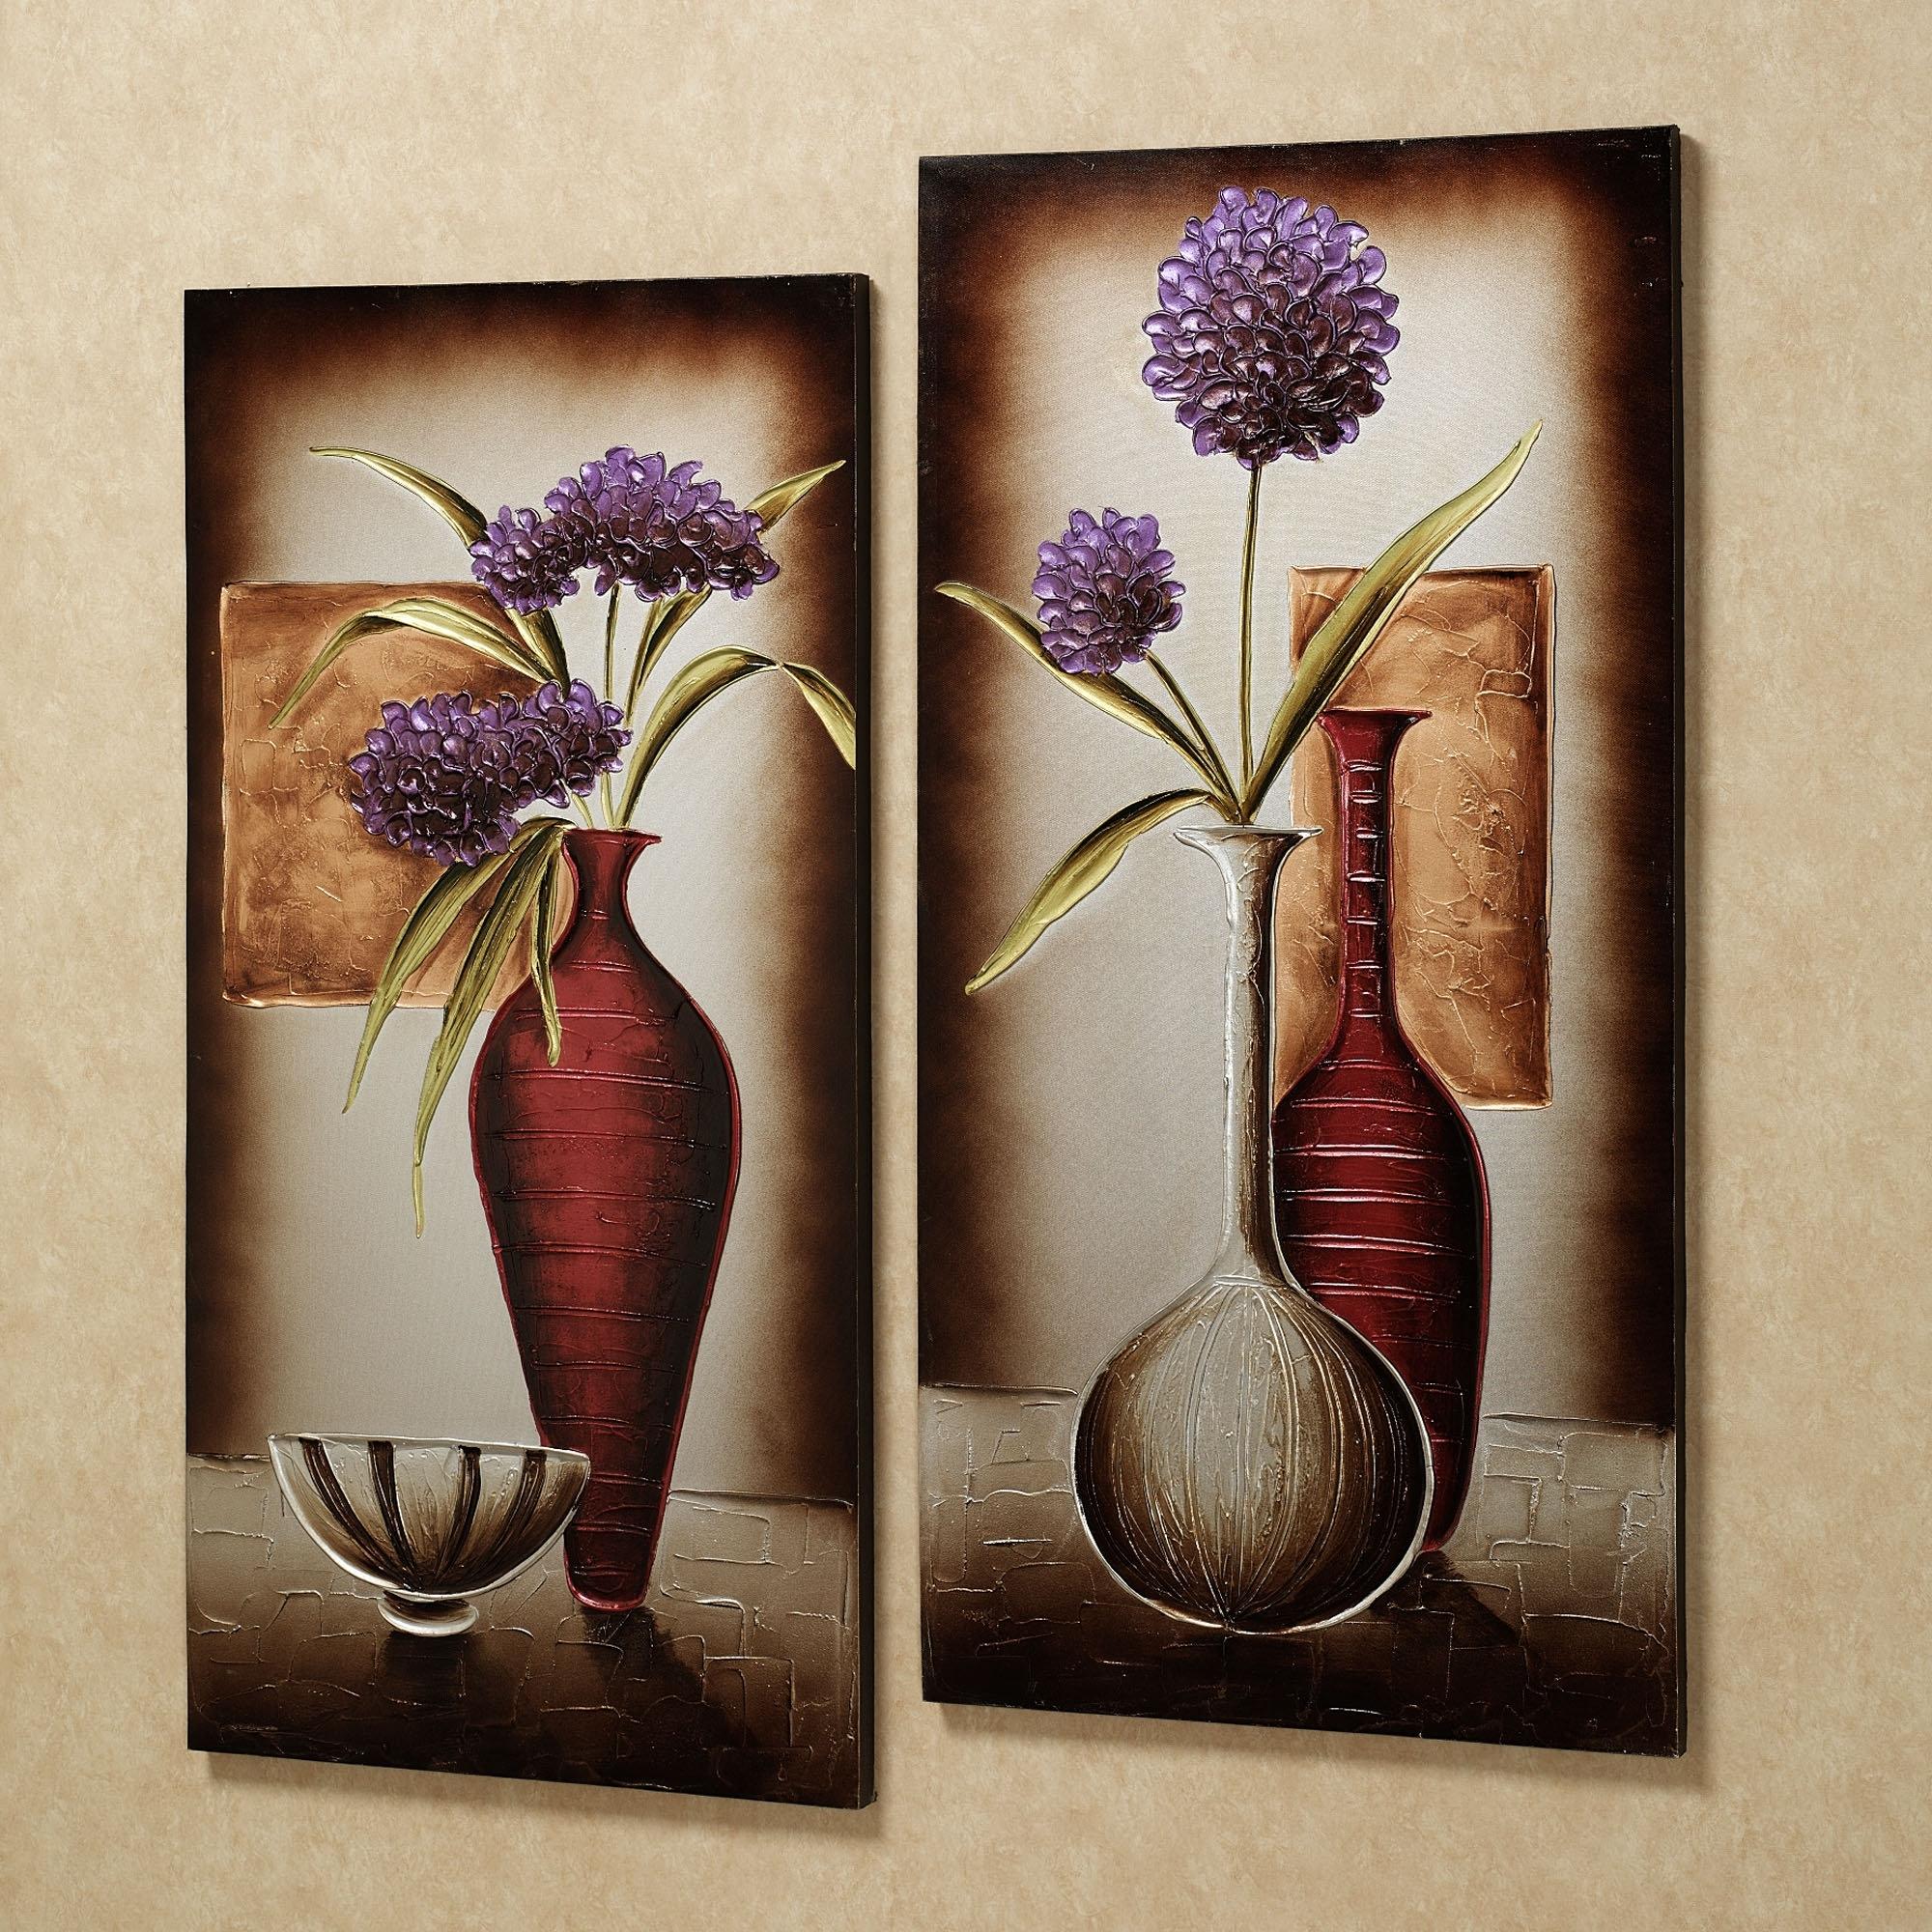 Flower On Canvas Wall Art – Edu9841 #273C6D4667A3 Throughout Popular Flower Wall Art Canvas (View 7 of 15)